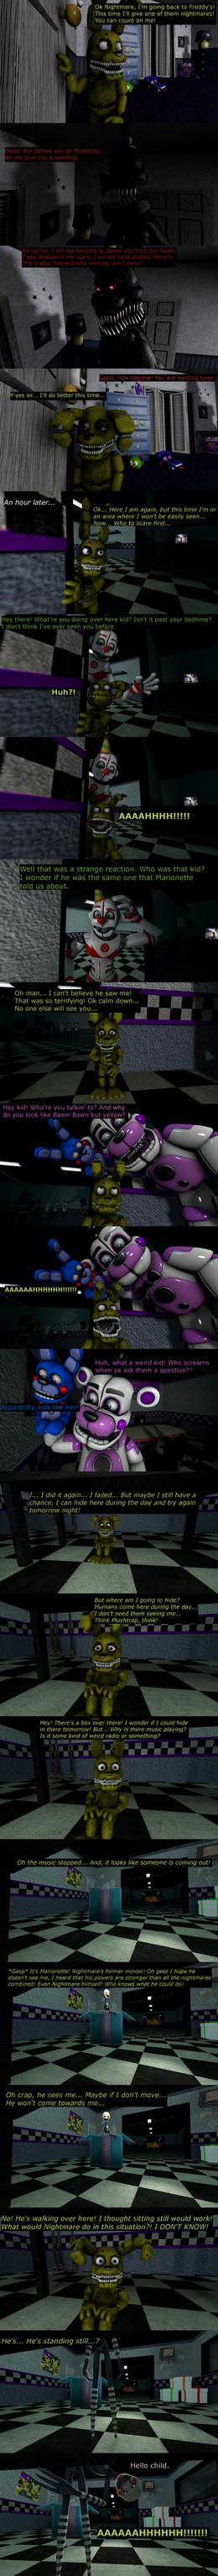 The Misfit Nightmare Pt 4 by EmeraldWerewolfHeart